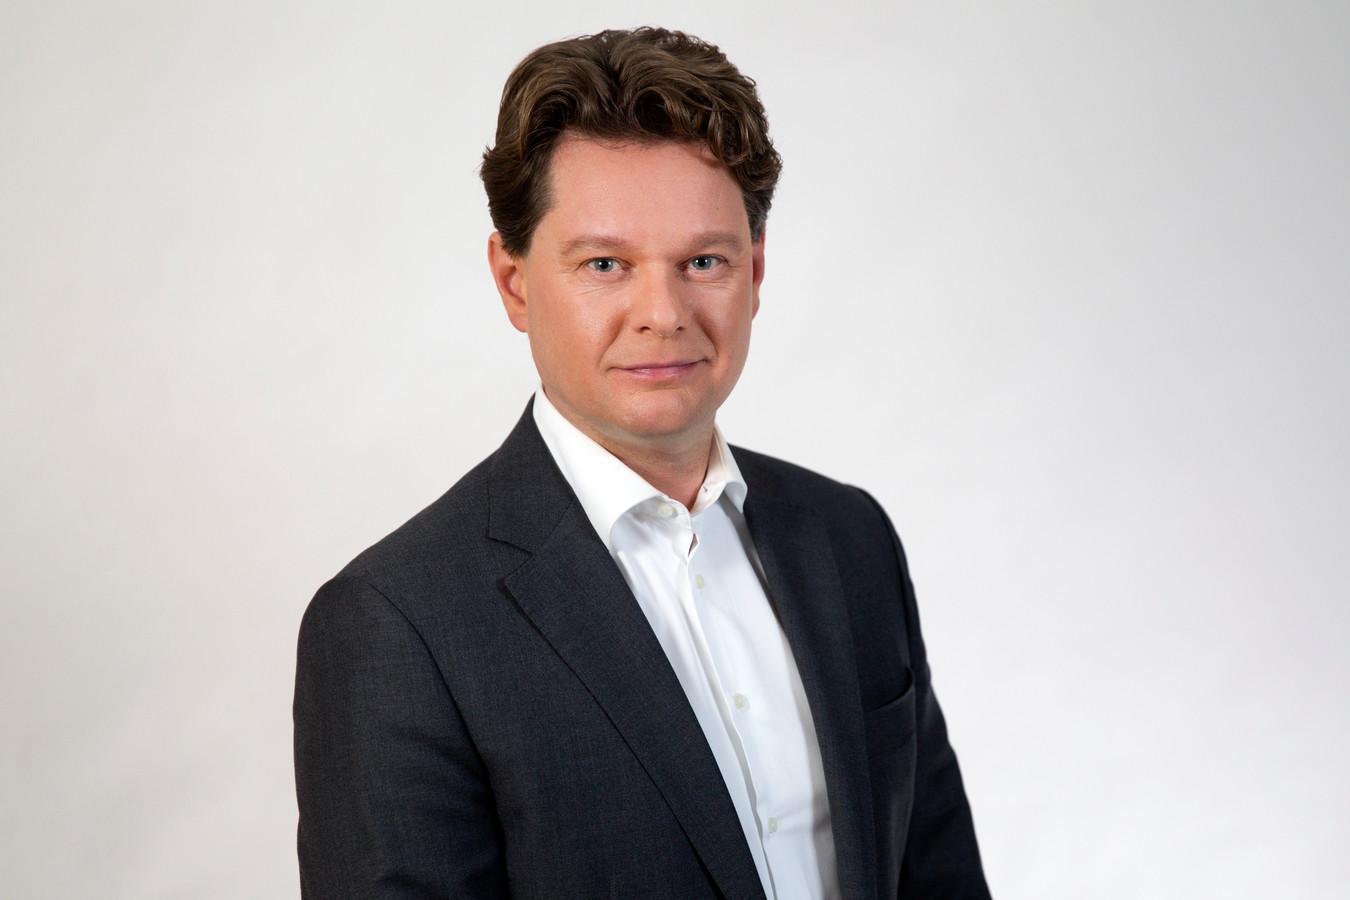 Marc de Jong, weerman bij RTL.